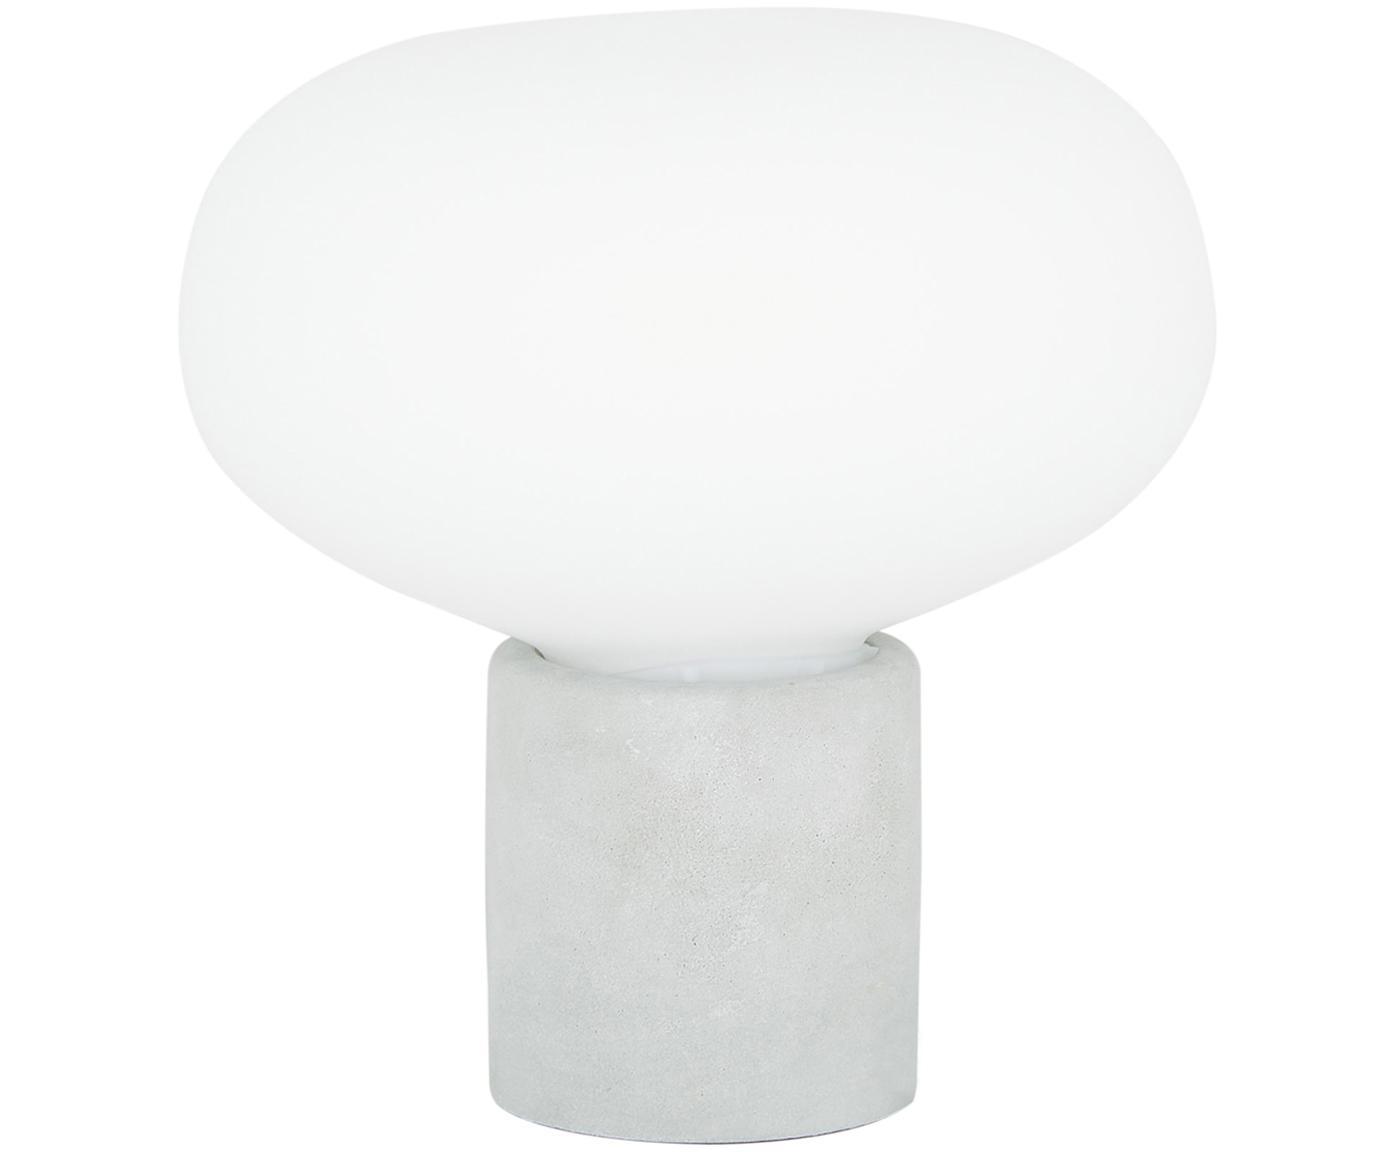 Lámpara de mesa de hormigón Alma, Pantalla: vidrio, Cable: cubierto en tela, Gris hormigón, blanco, Ø 23 x Al 24 cm